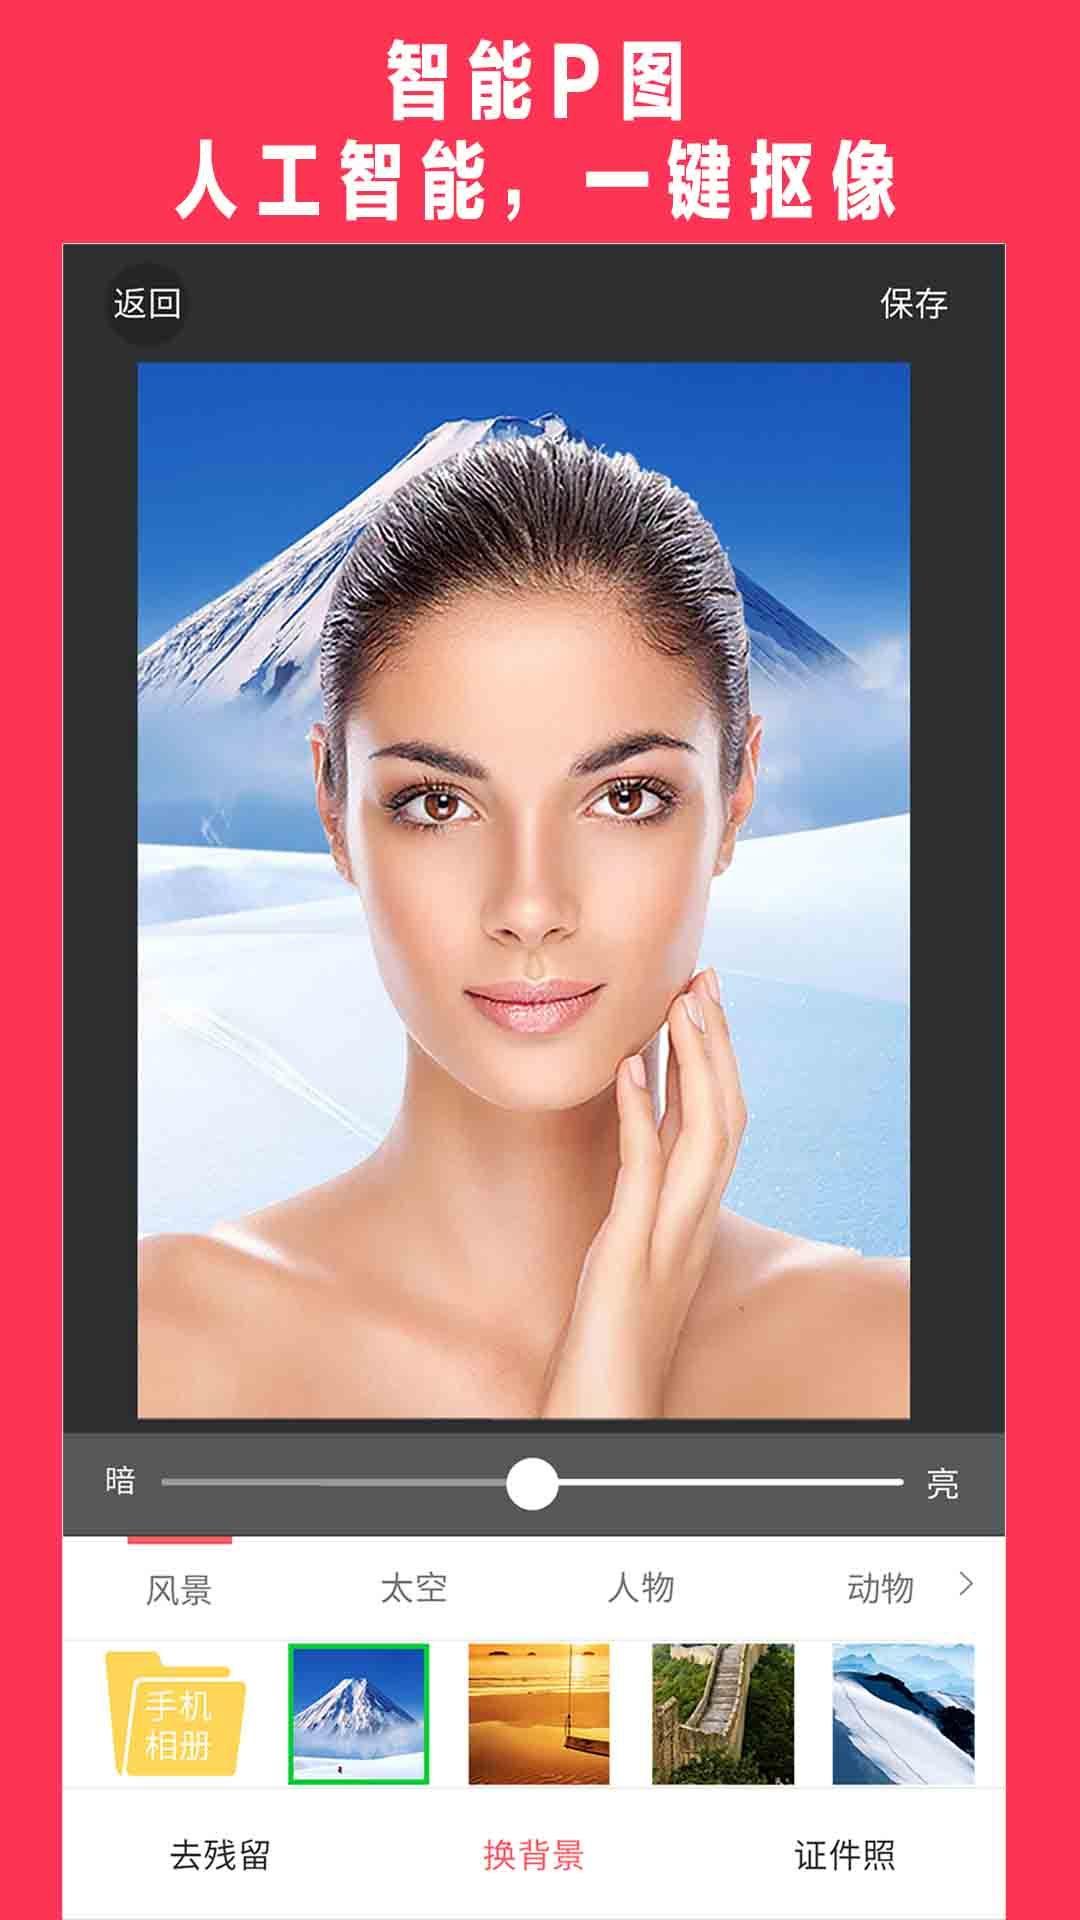 美可发型-ps美图软件截图3